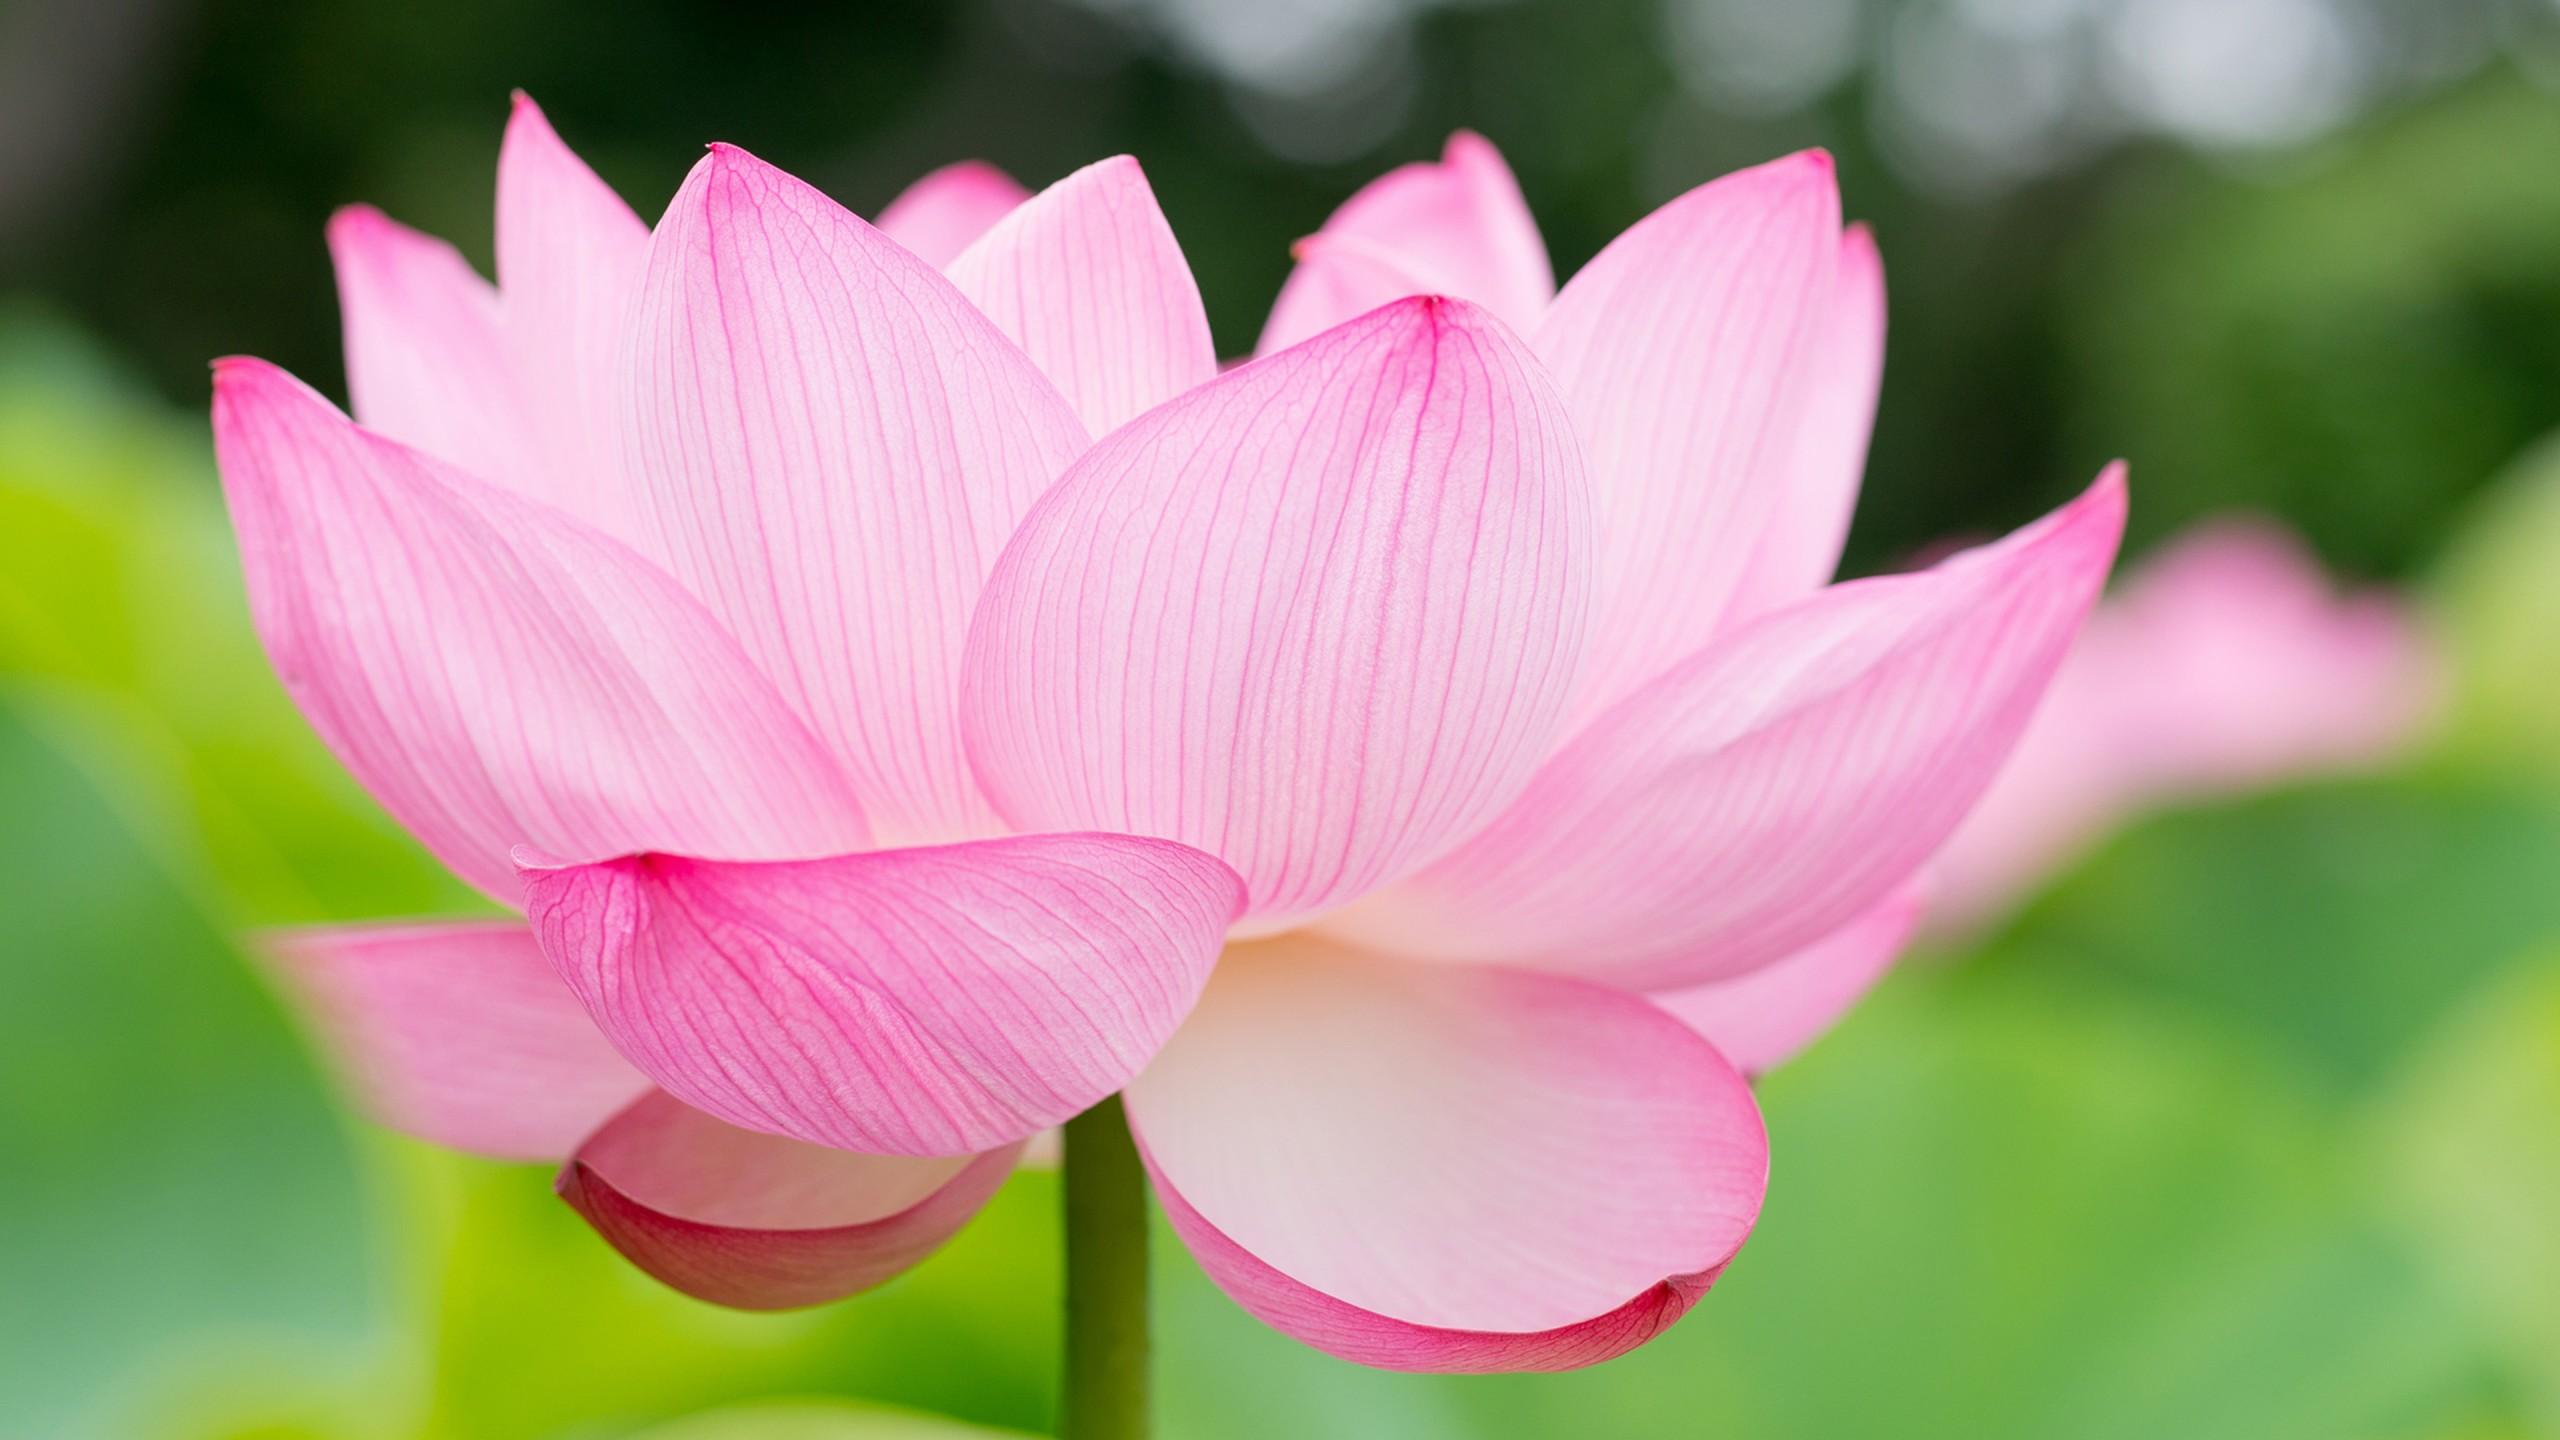 Luxury Lotus Motorcycle Hd Wallpapers And Desktop: Wallpaper Lotus, Flower, 4k, Nature #16051